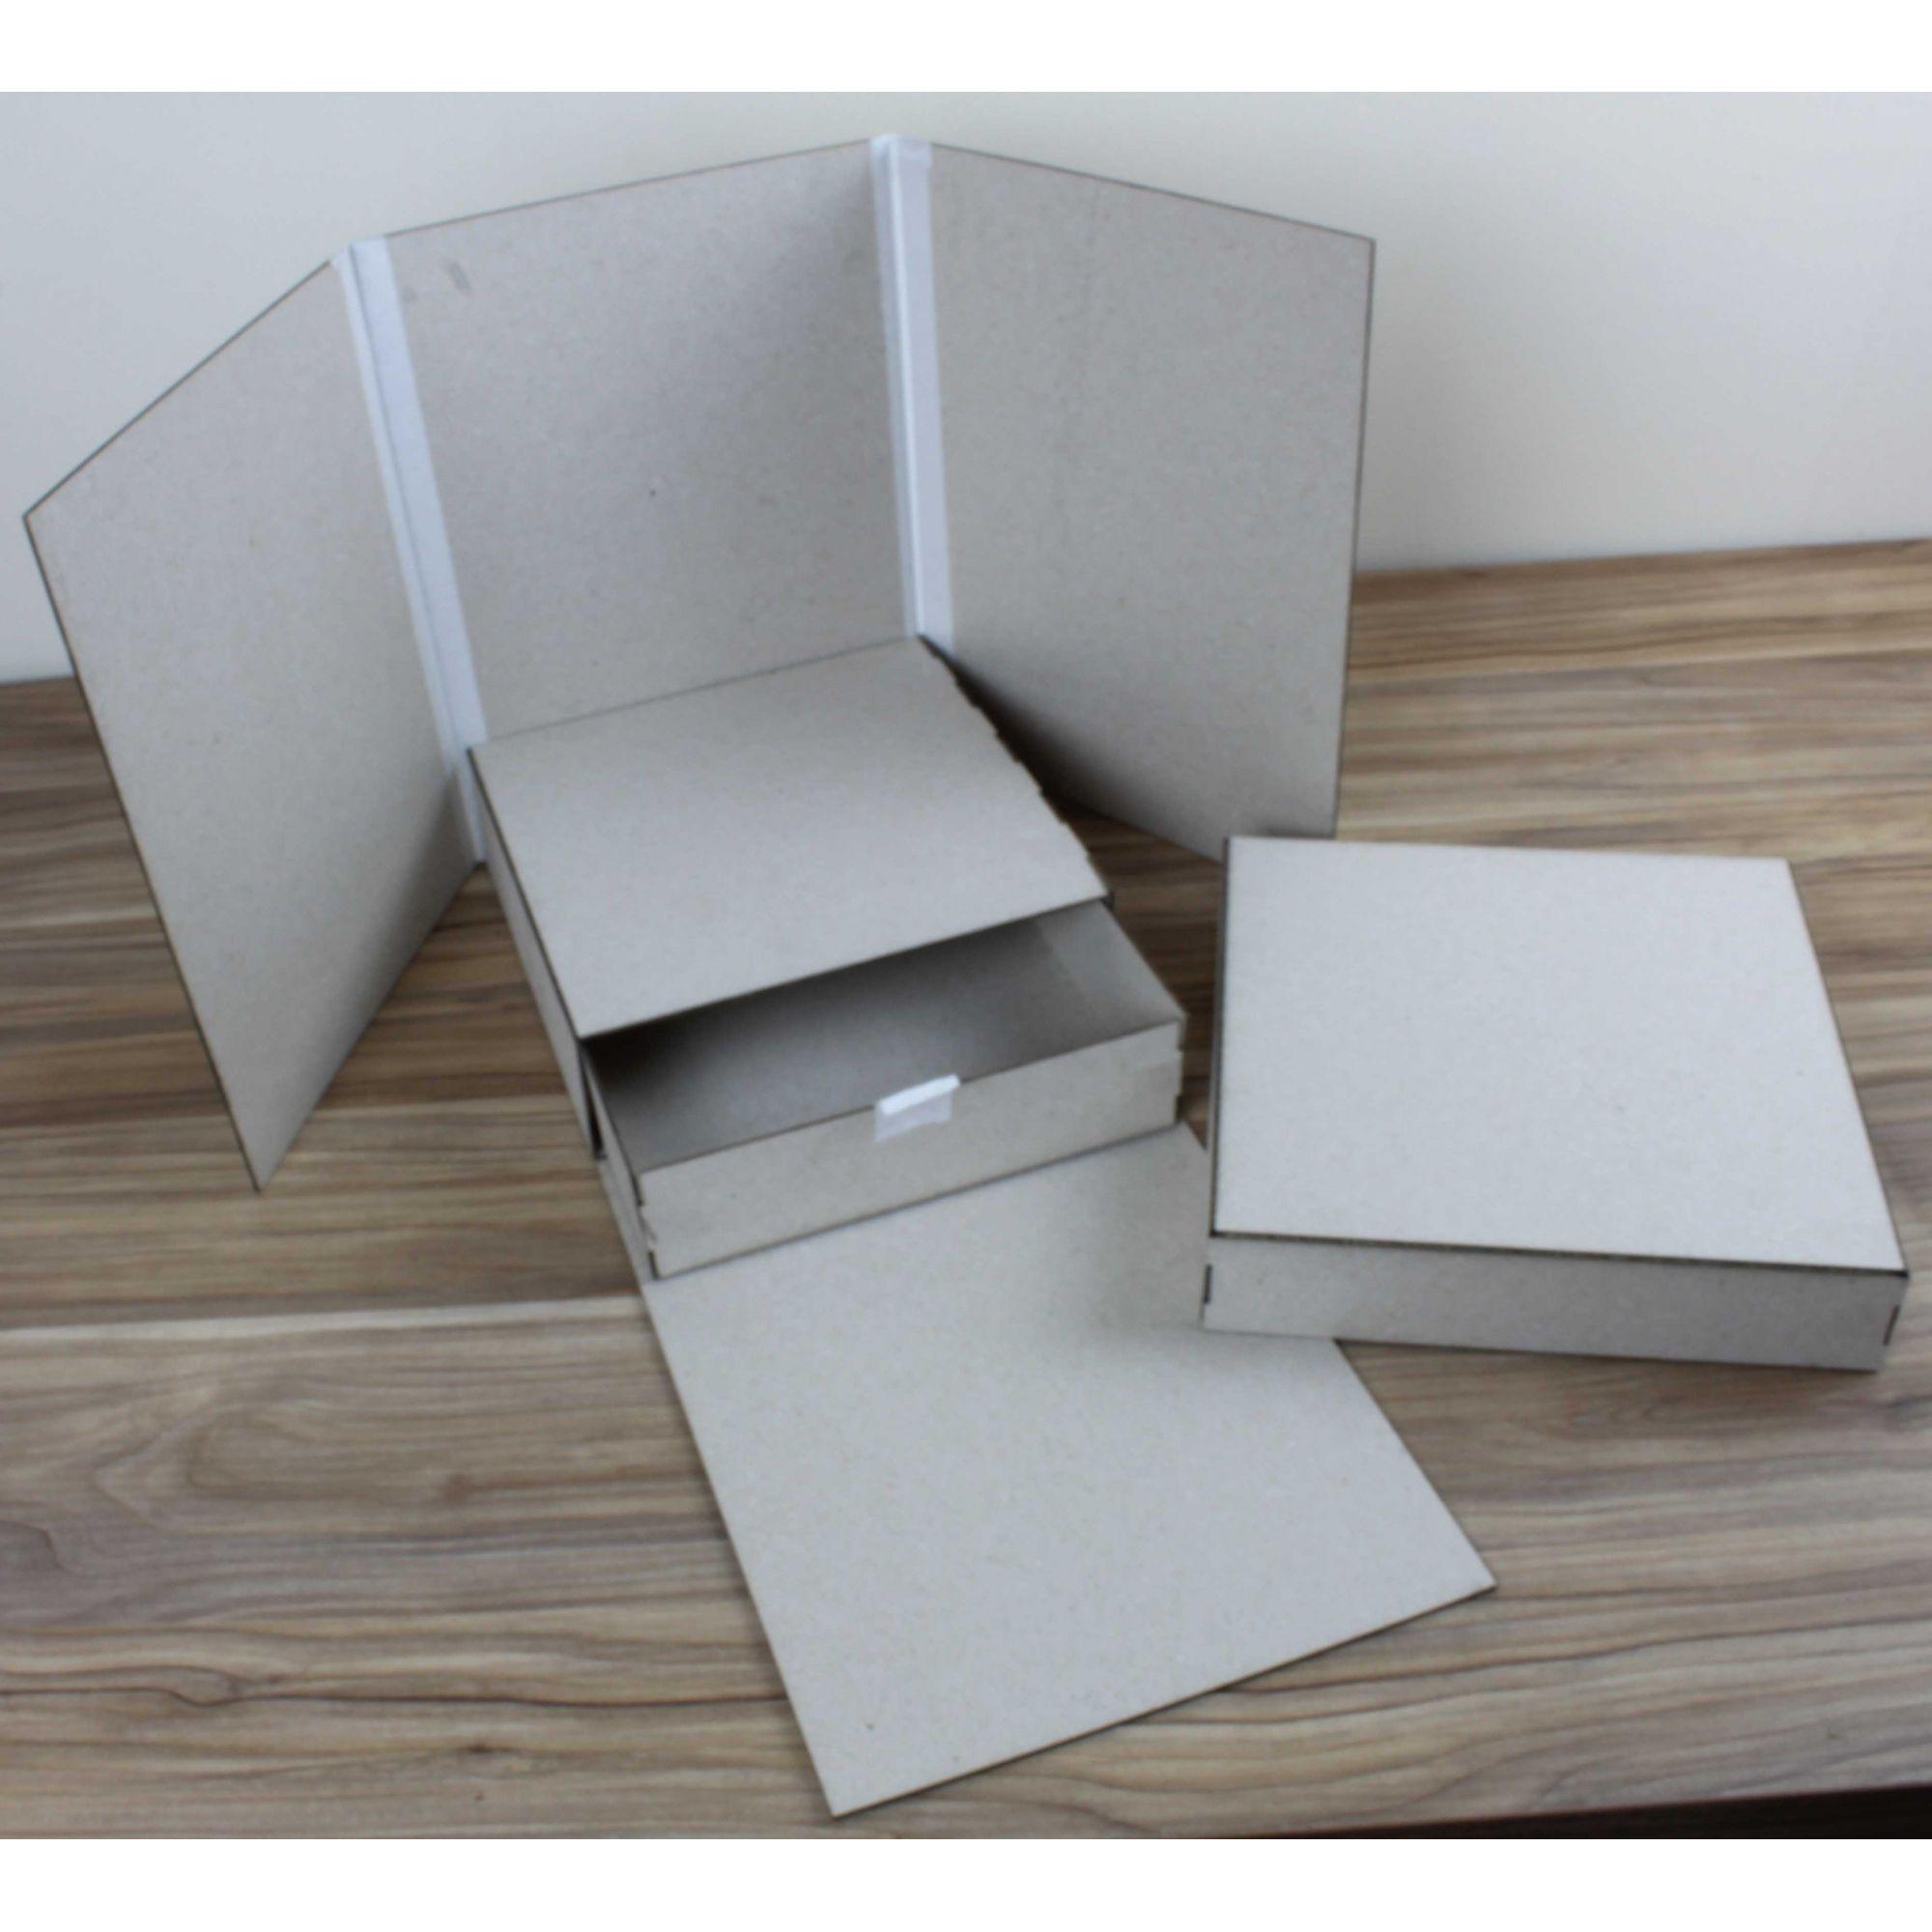 Kit Cartonagem - Caixa Cenário com Gaveta - 1 unidade